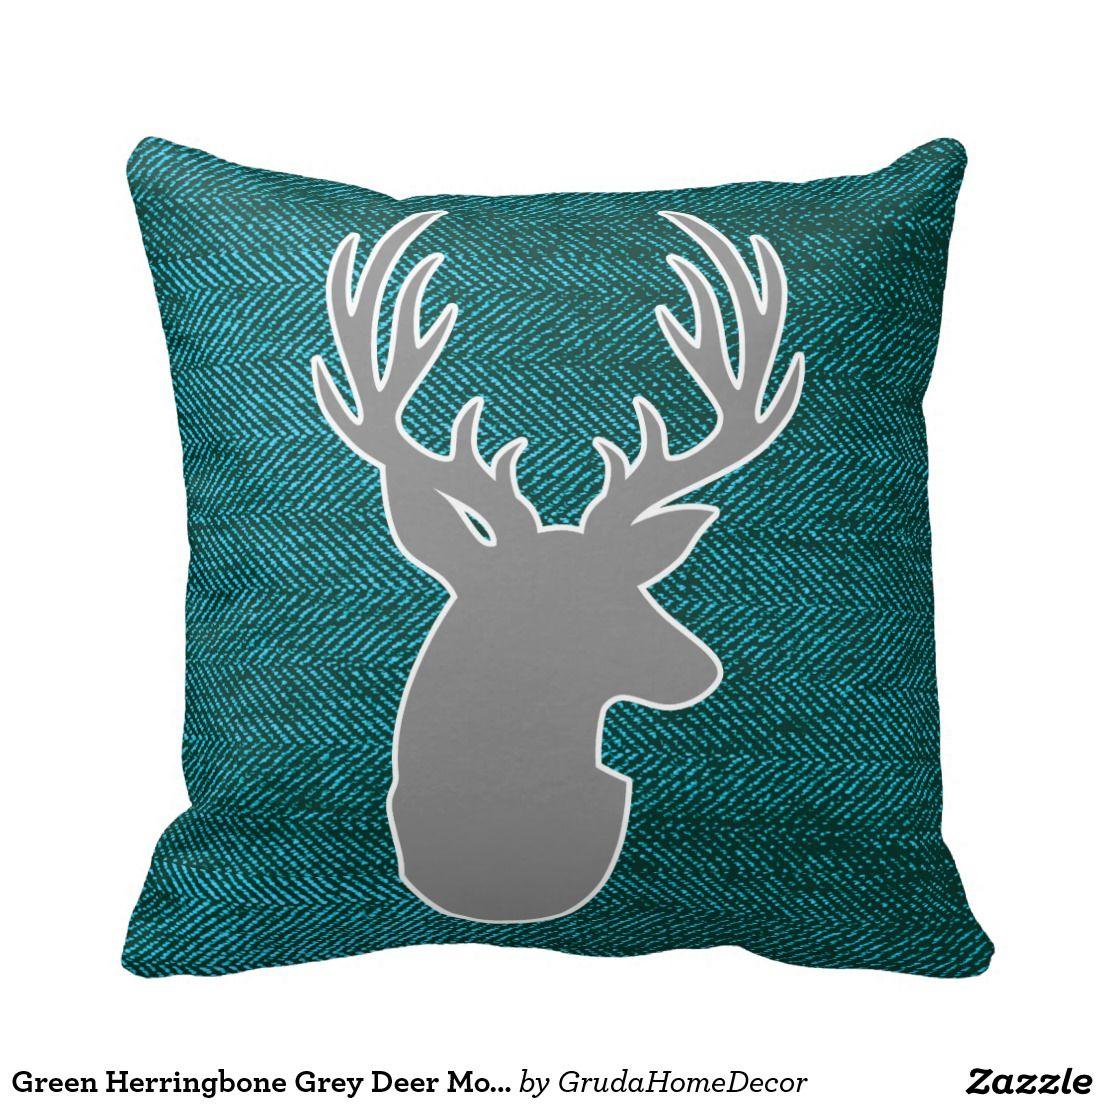 Green herringbone grey deer monogram pillow monogram pillows